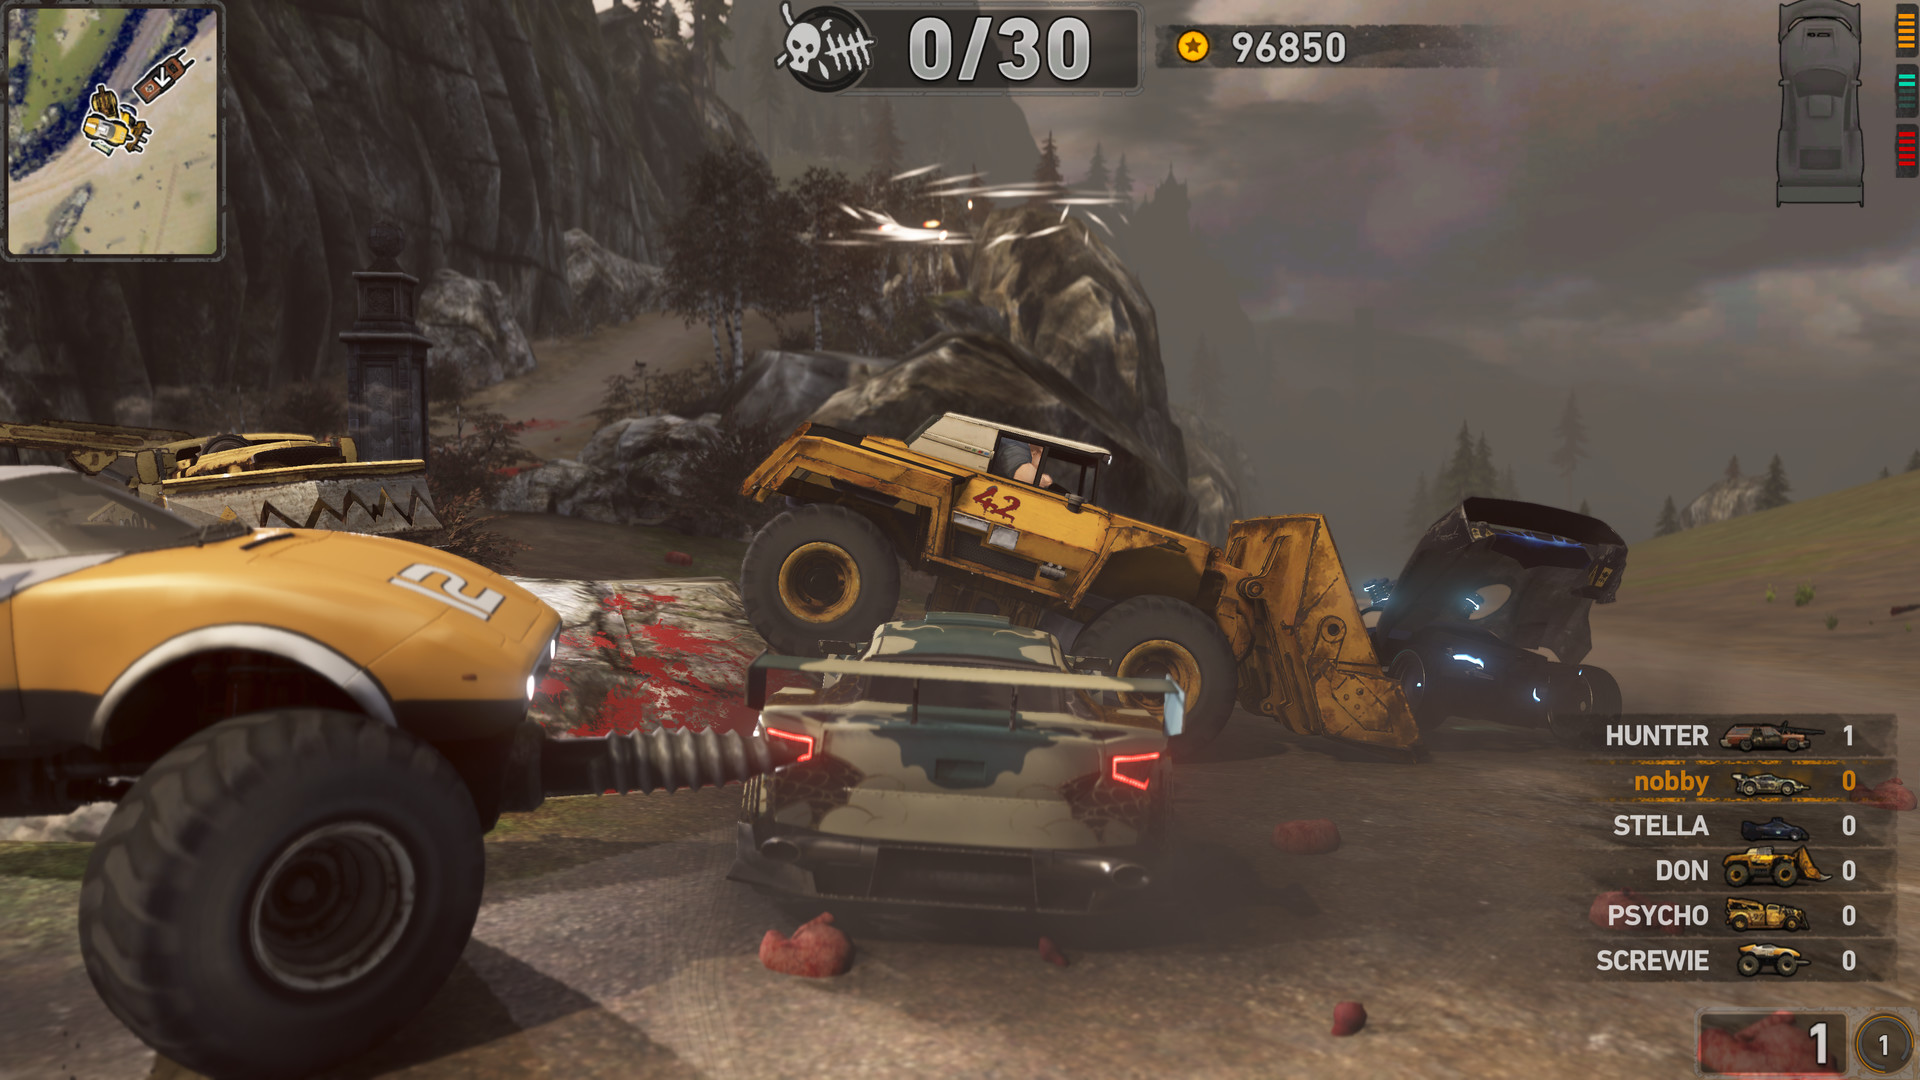 com.steam.505170-screenshot